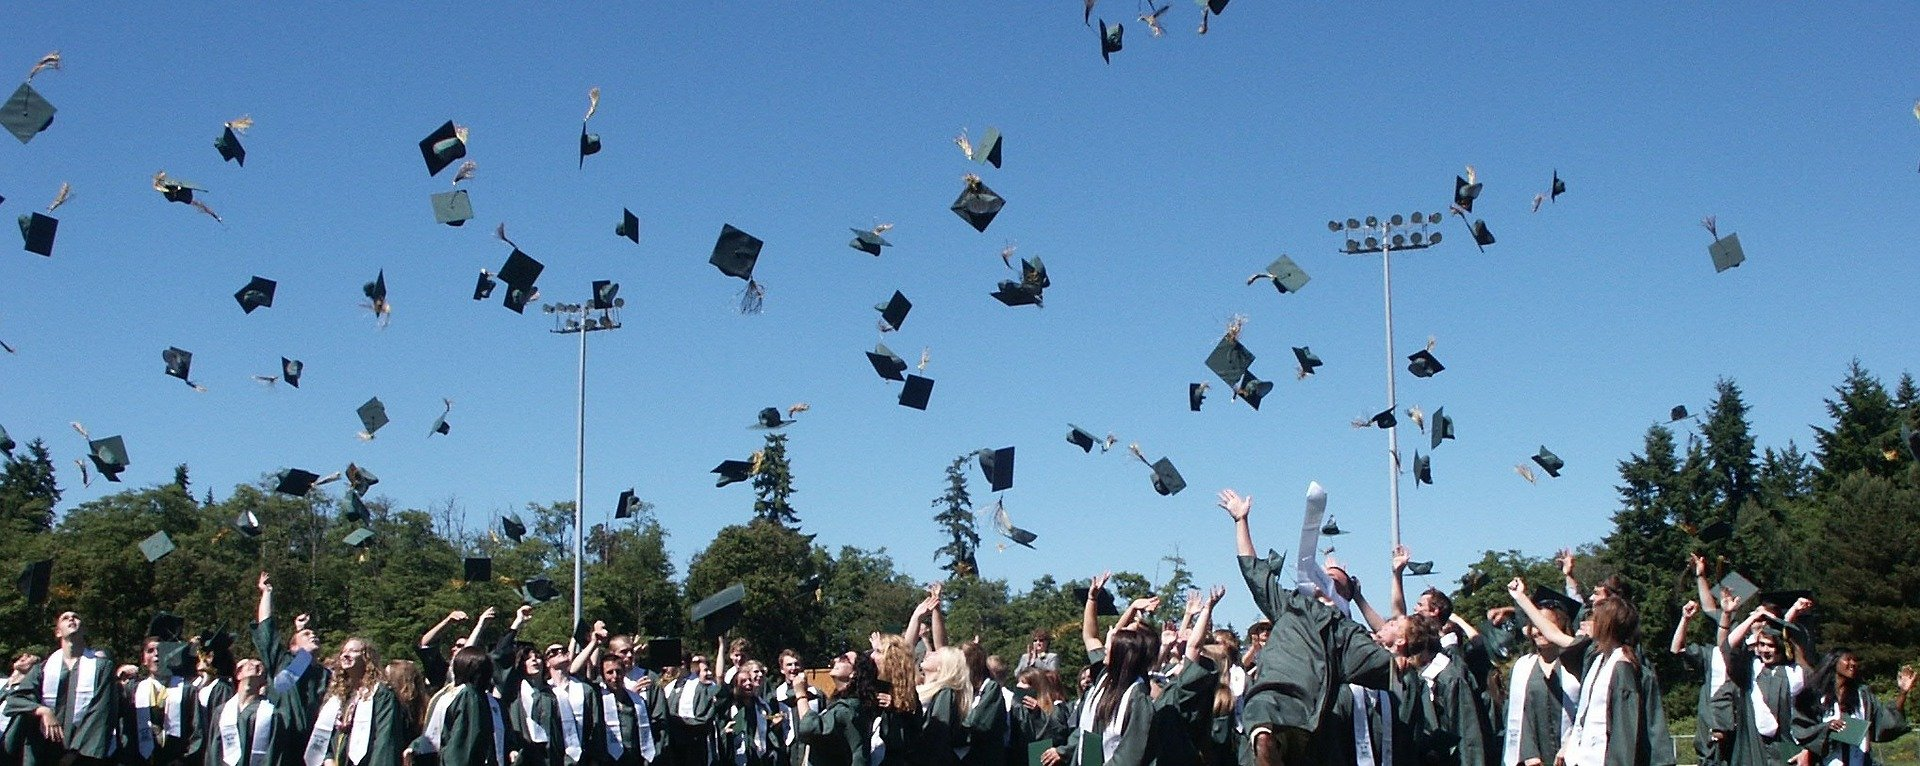 homeschool high school transcritps and graduation